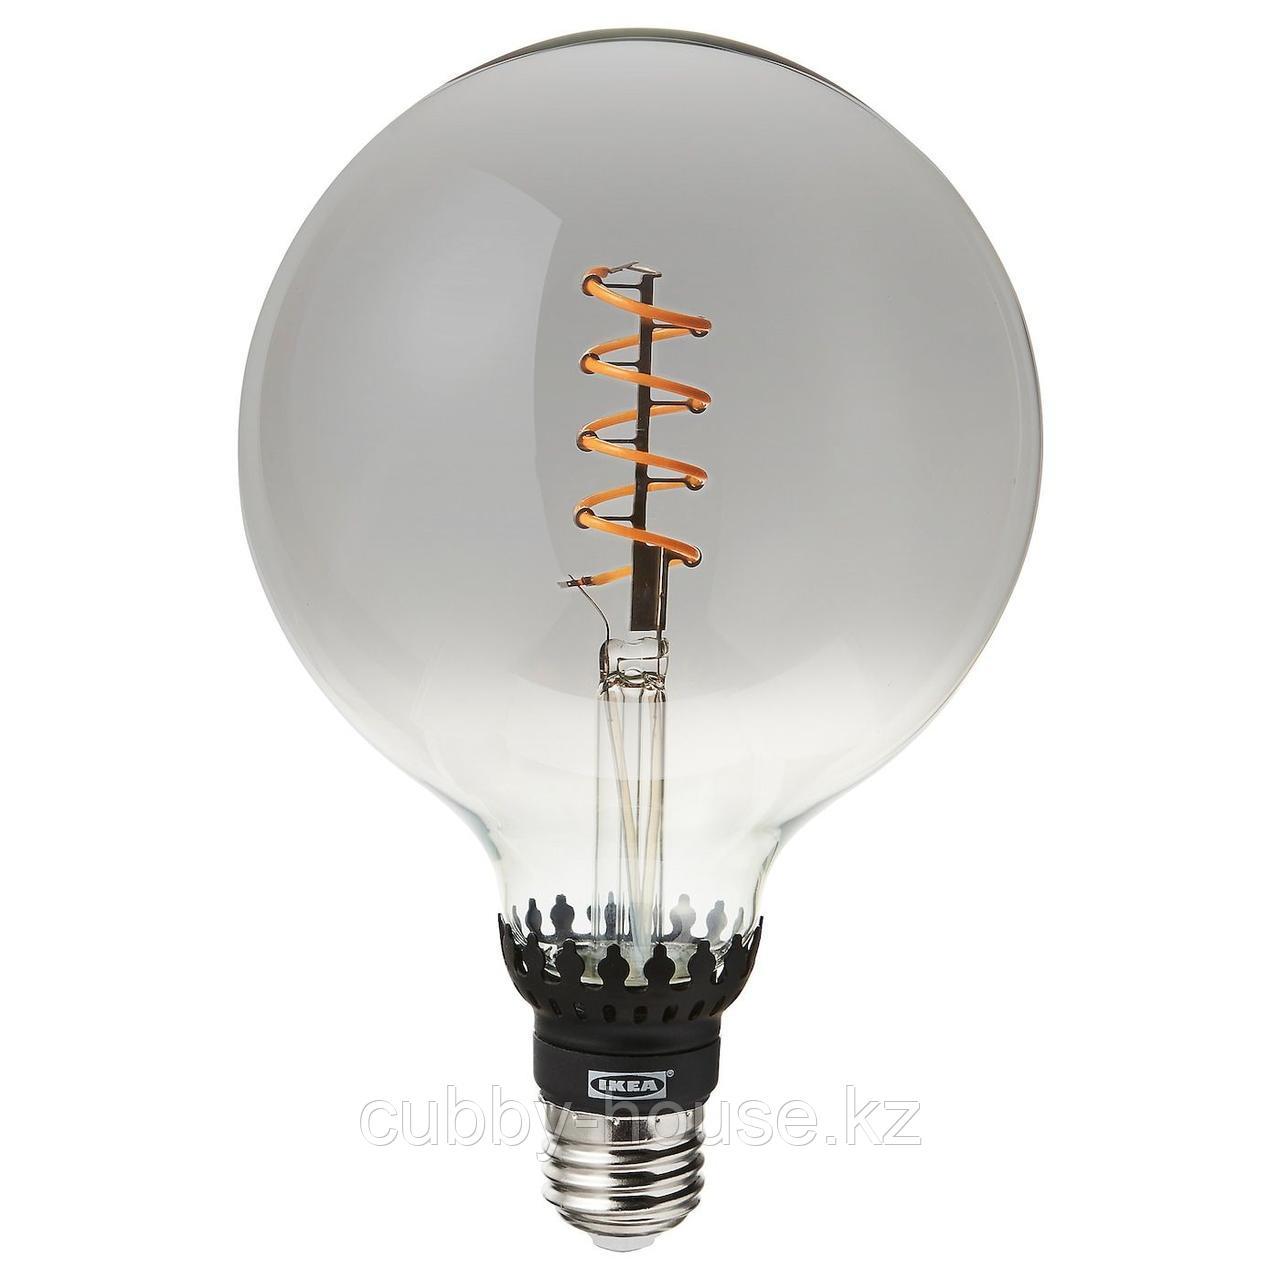 РОЛЛЬСБУ Светодиод E27 140 лм, регулируемая яркость, шаровидный серое прозрачное стекло, 125 мм